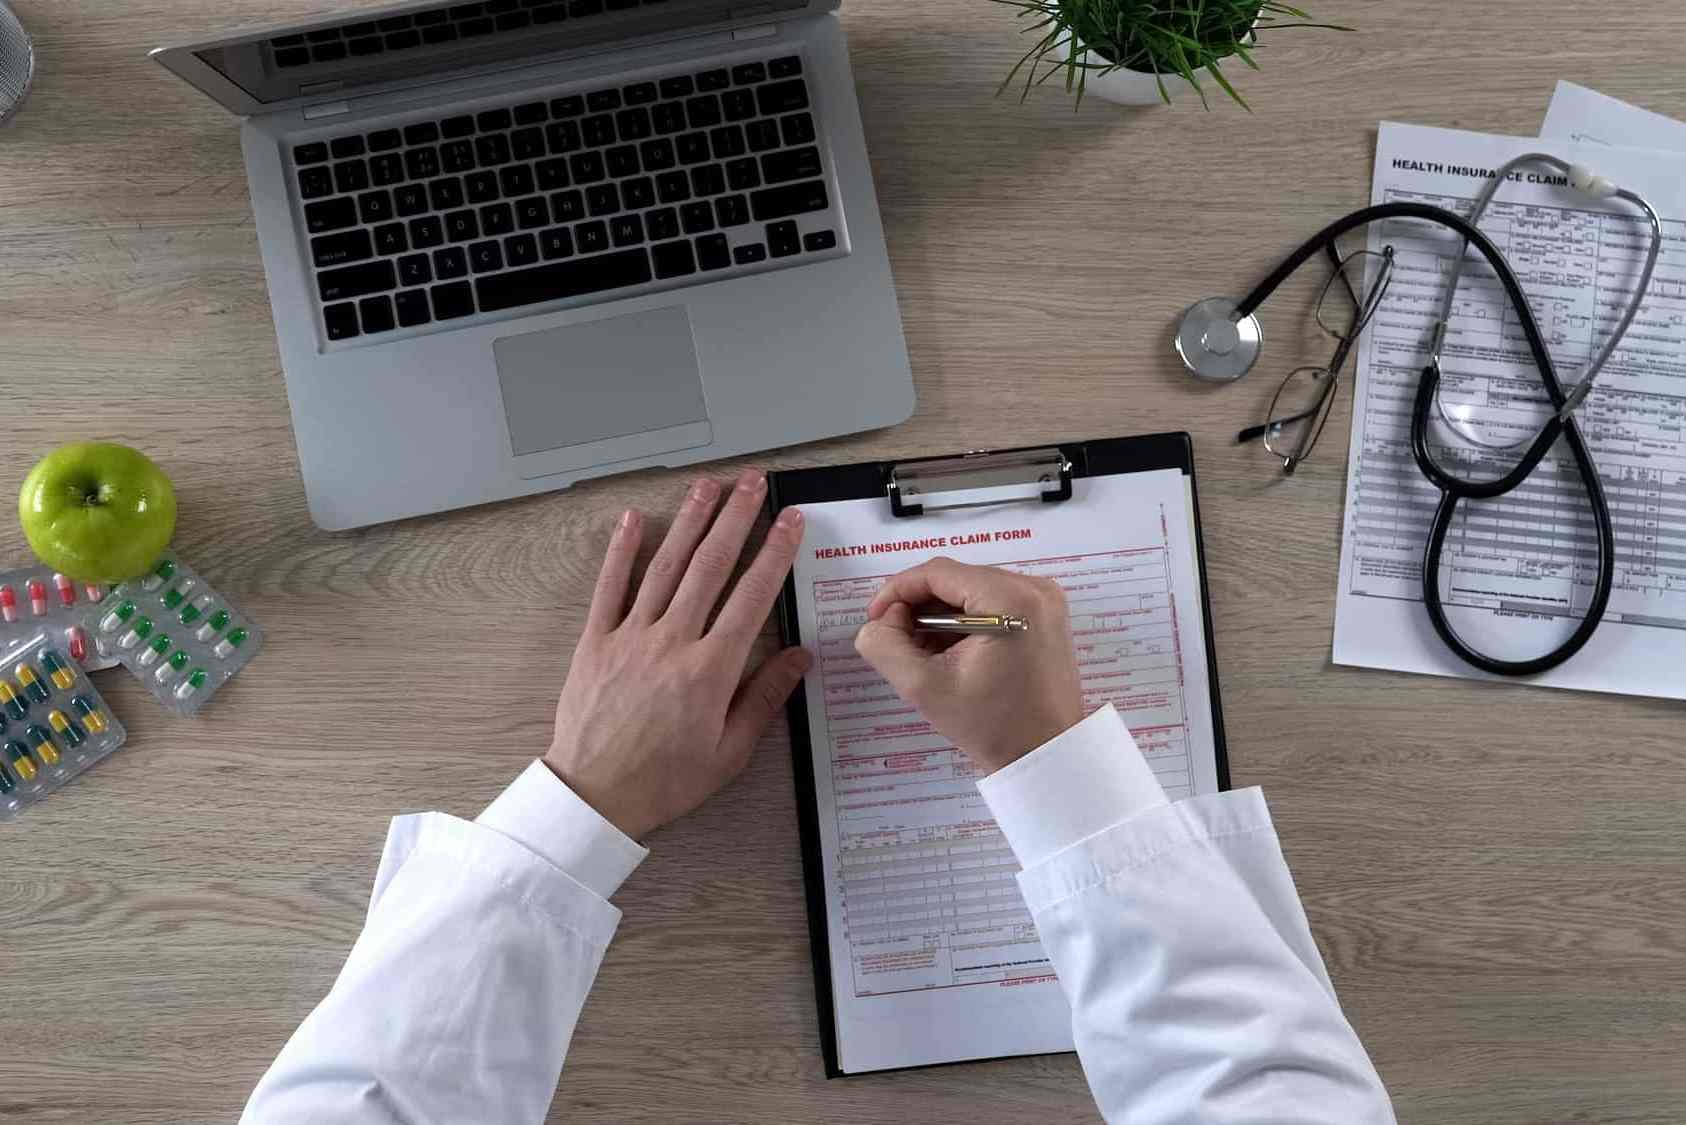 Полис дмс, что это, что дает полис добровольного медицинского страхования, как пользоваться полисом, сколько стоит дмс